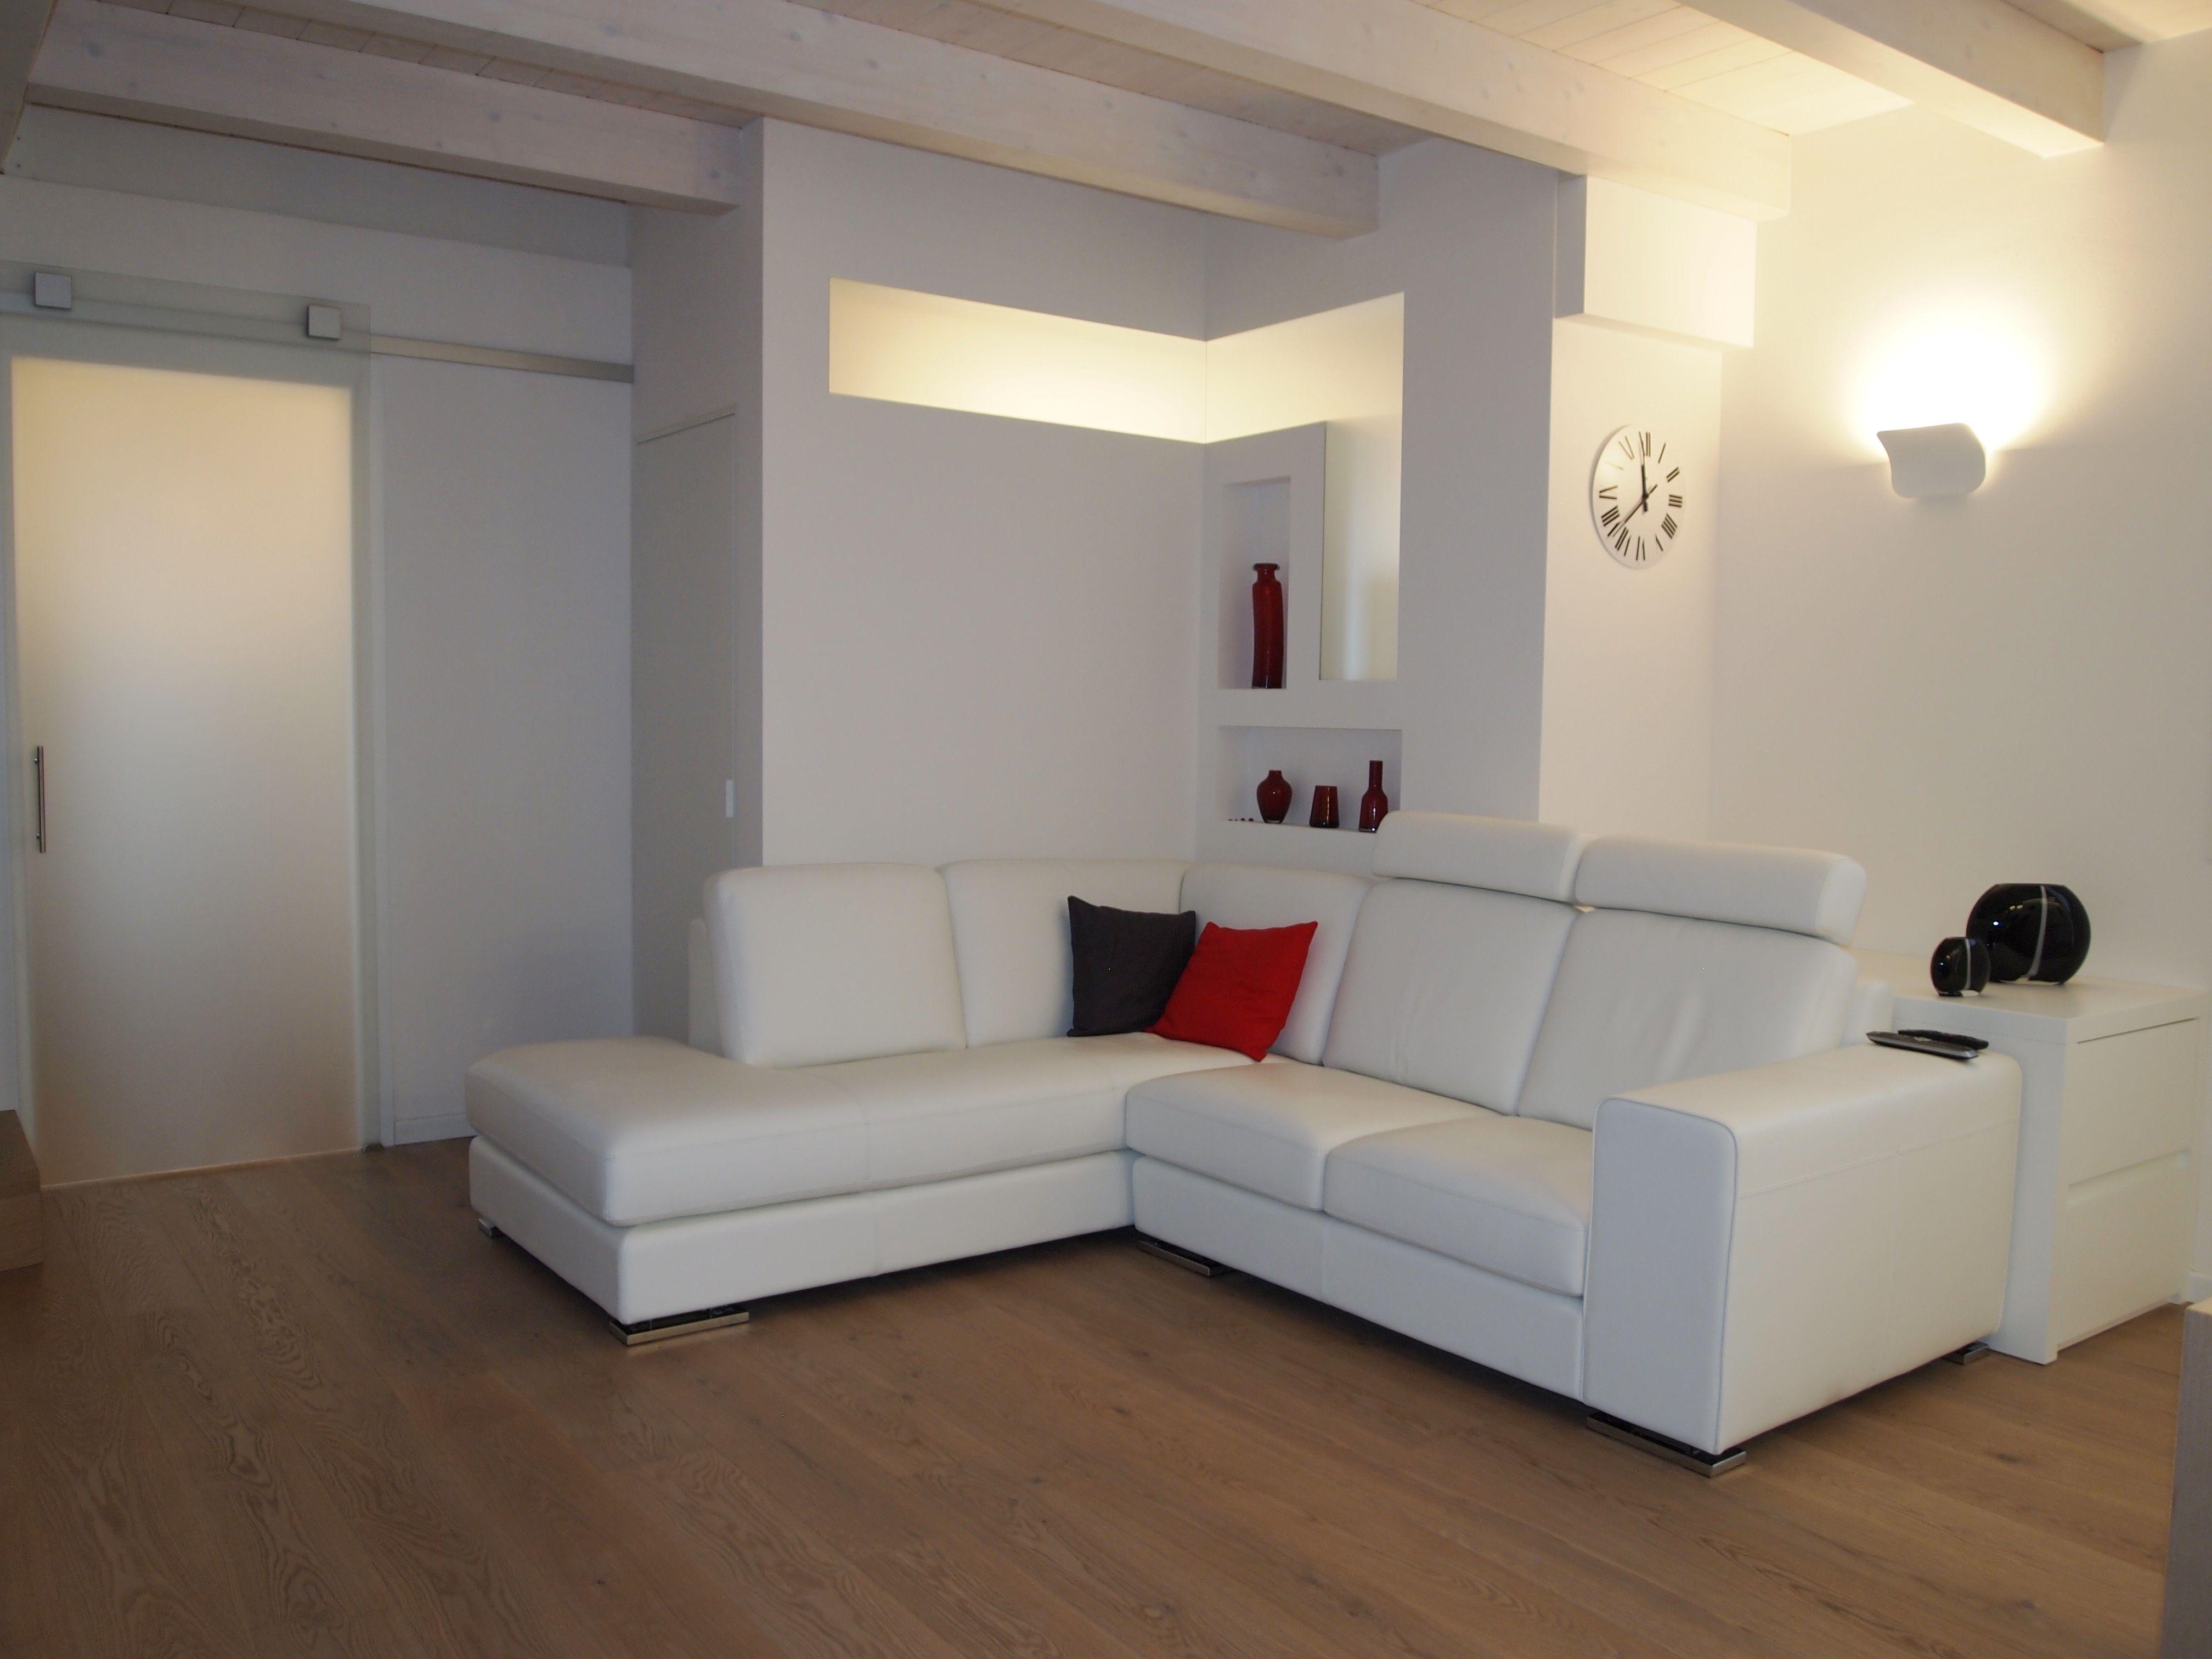 Abitazione privata #illuminazione #soggiorno #LED #Ligting ...